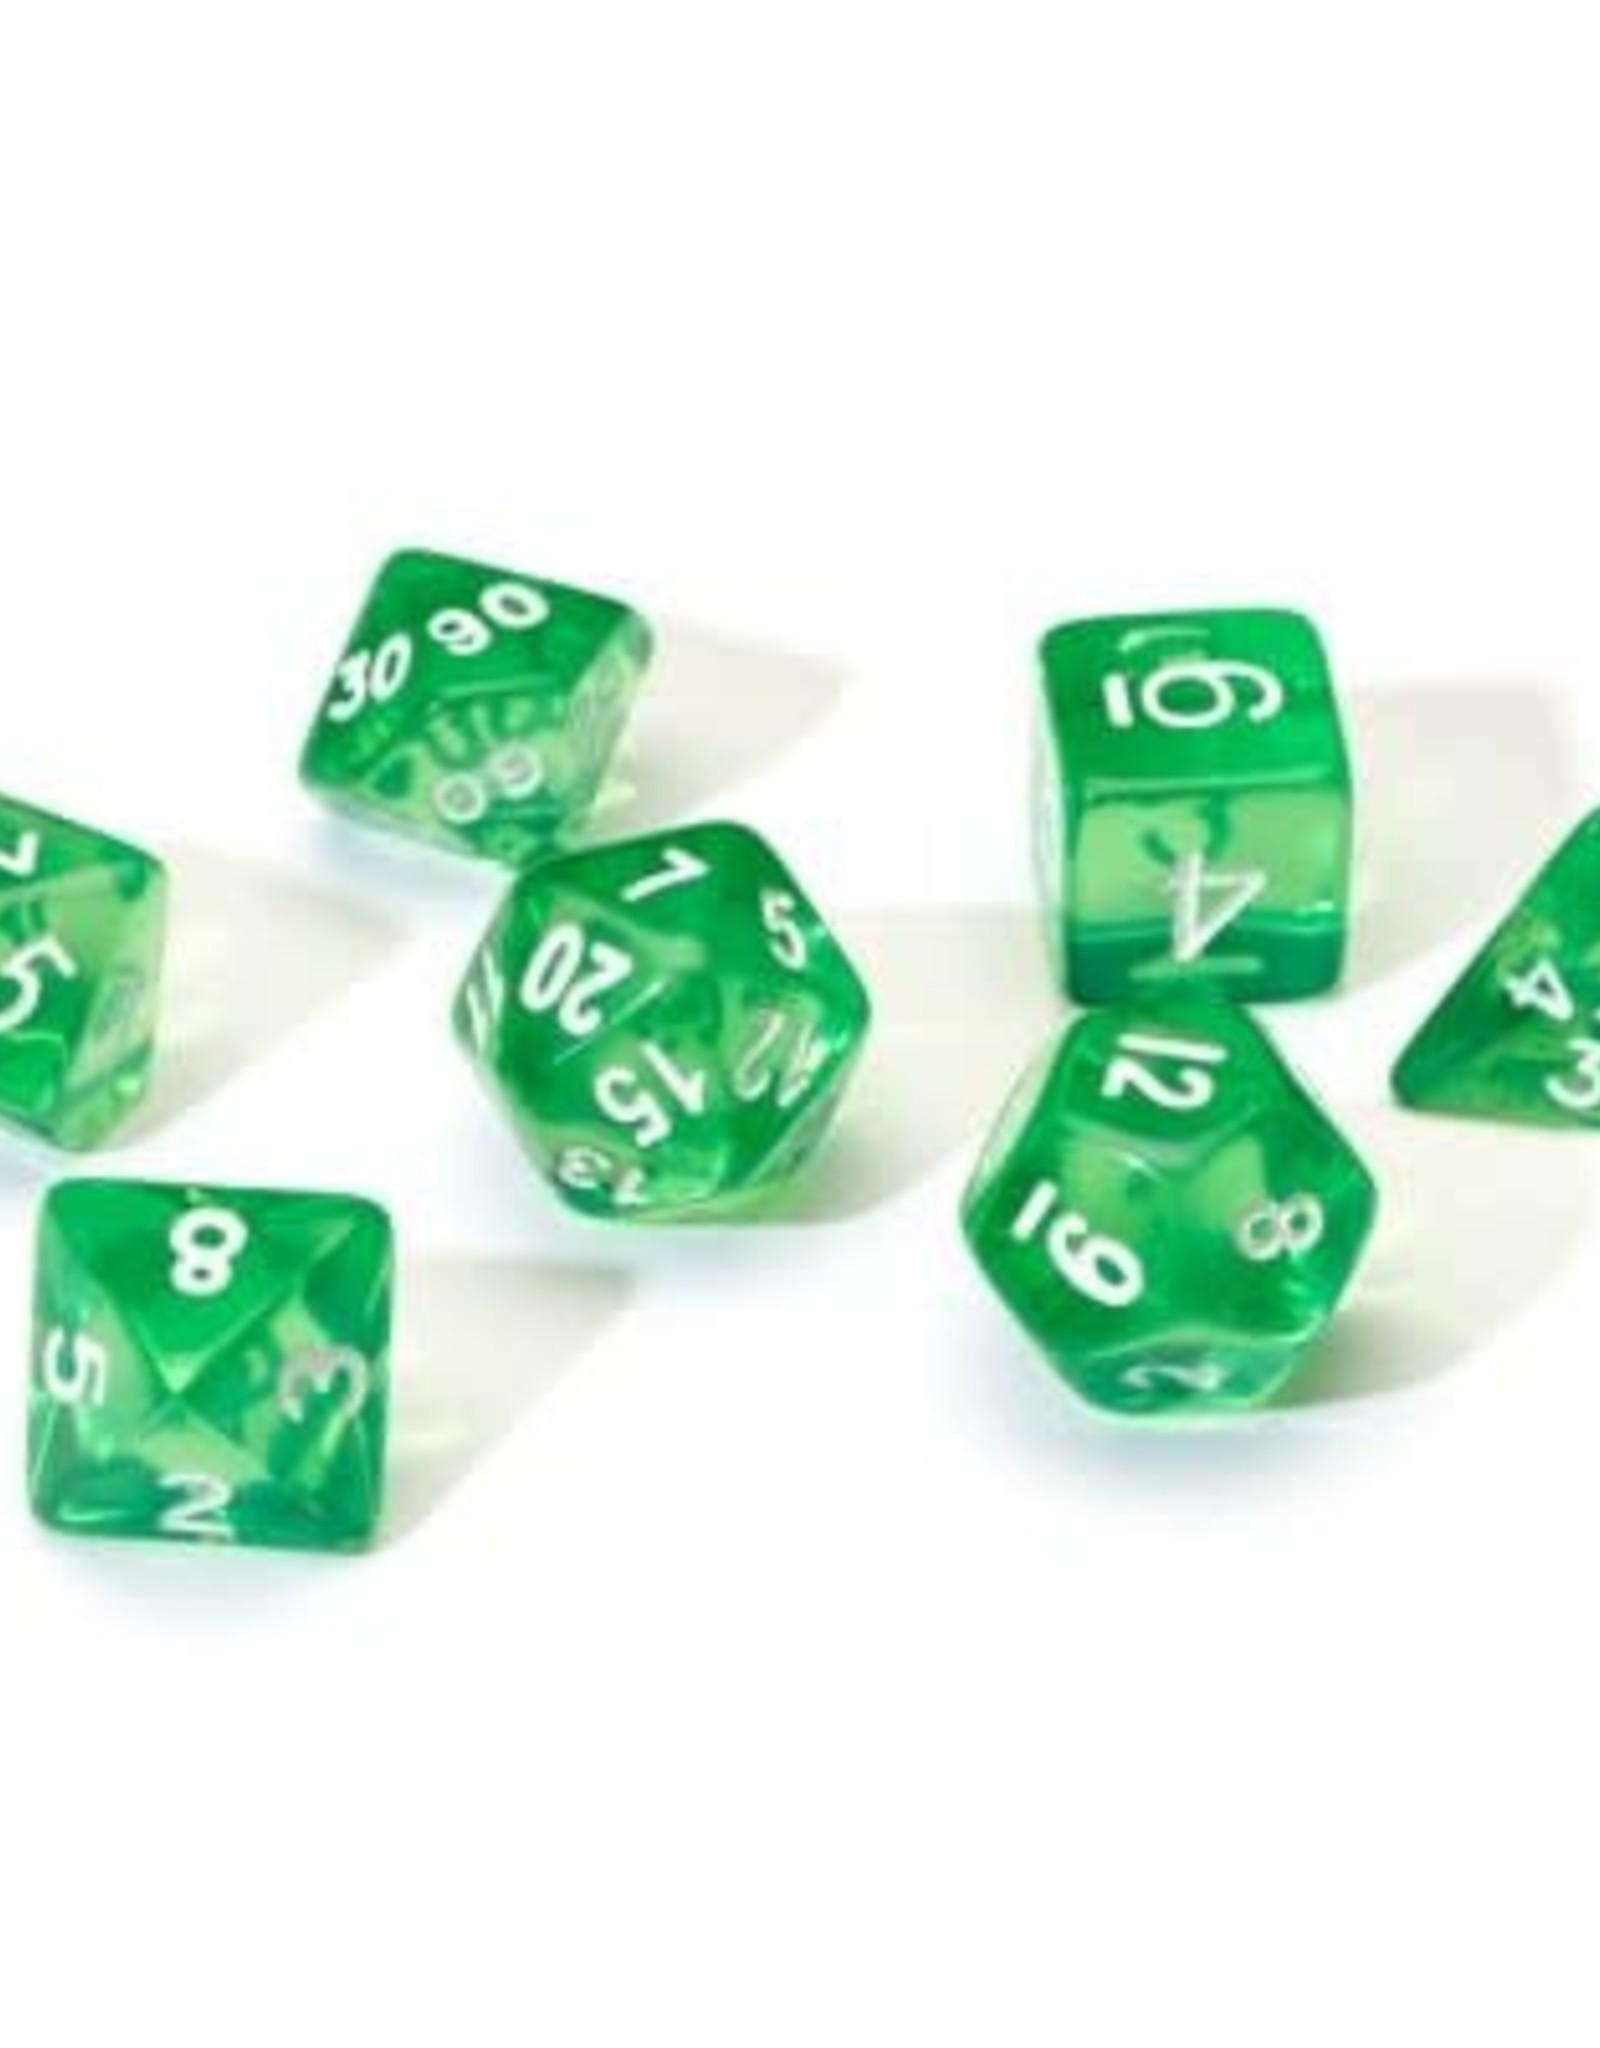 Sirius Dice Sirius Dice: Translucent Green Resin